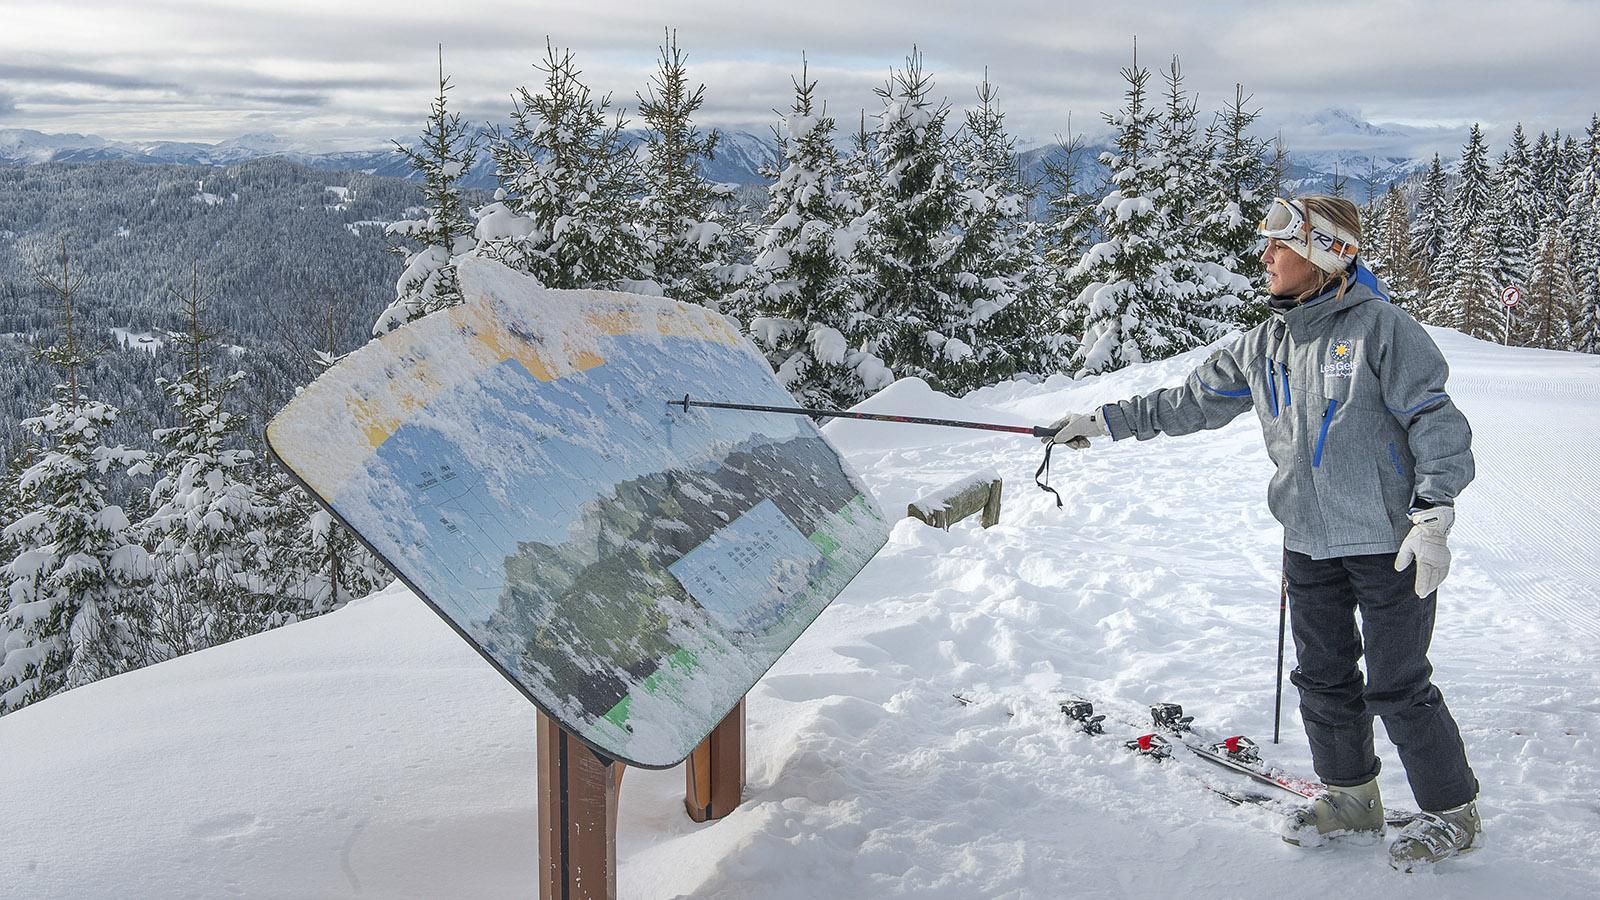 Les Gets: Für Überblick sorgen Tafeln - sie verraten auch, welche Bergspitzen euch umgeben. Foto: Hilke Maunder